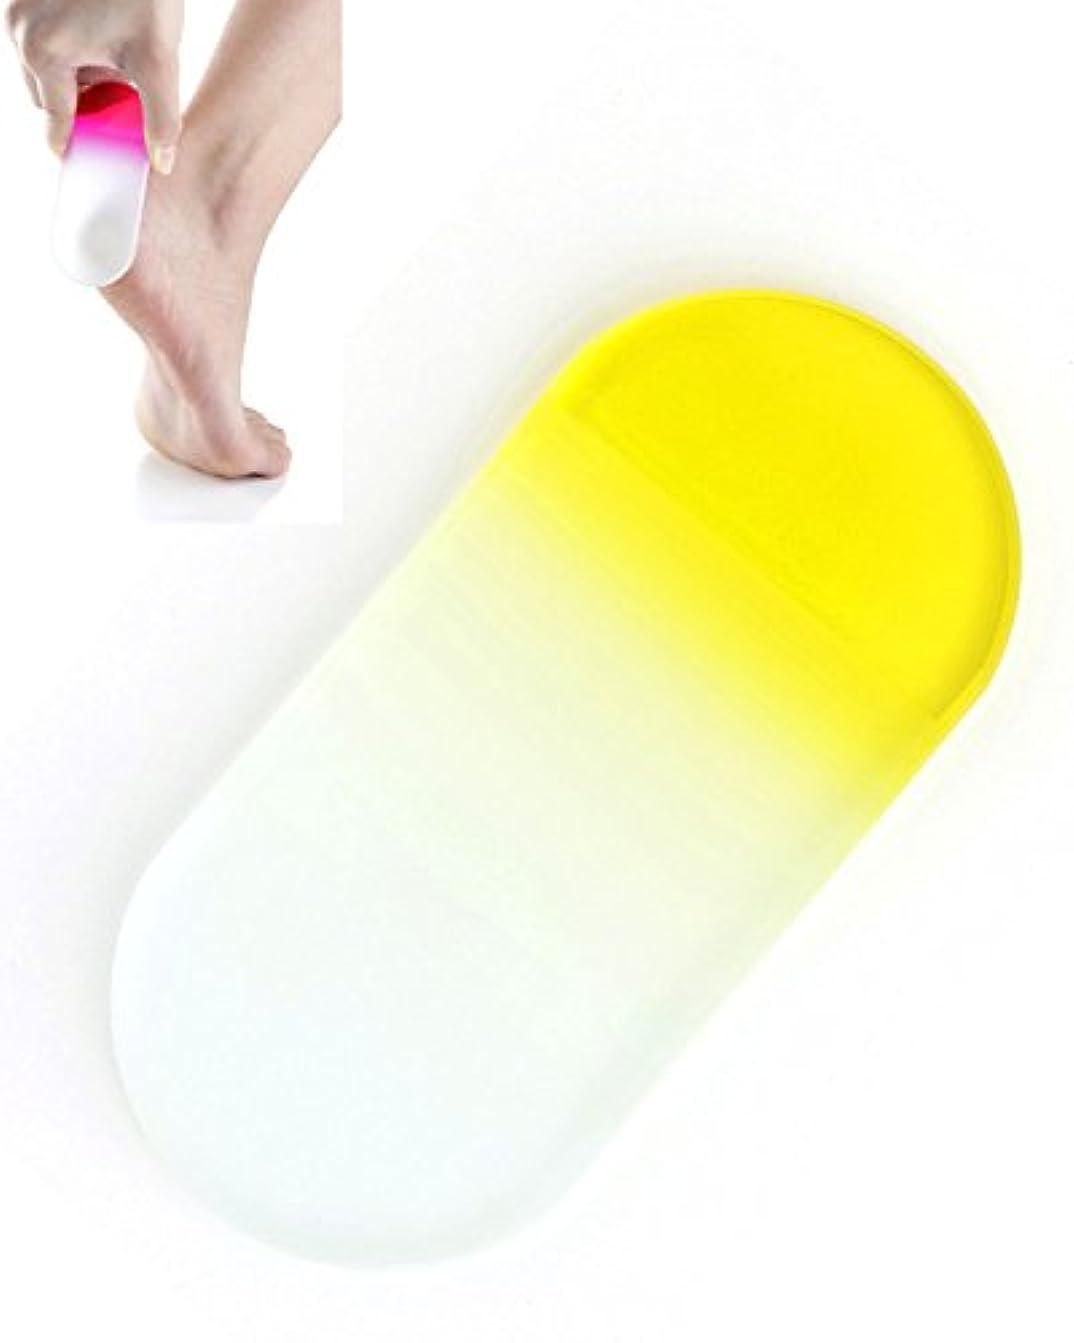 自治的バトル起きるBISON チェコ製ガラス かかとキレイ イエロー 荒目/細目両面 専用ケース付 介護用